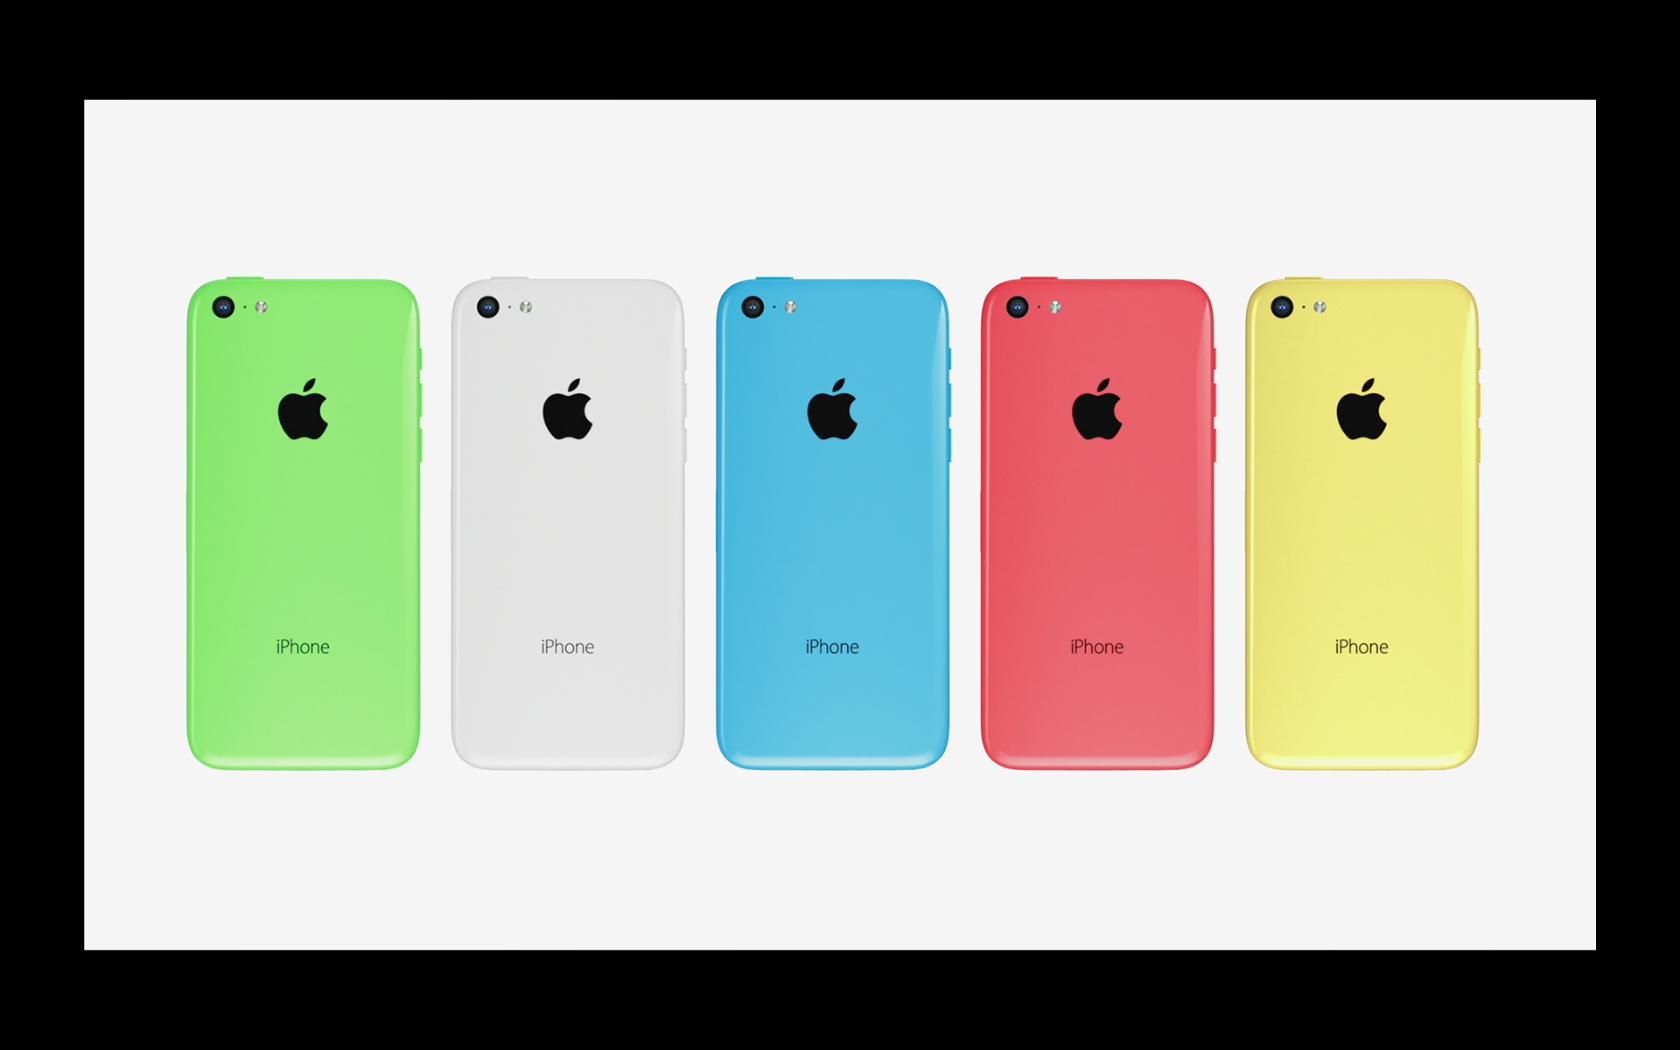 L'iPhone 5c, et ses cinq couleurs disponibles